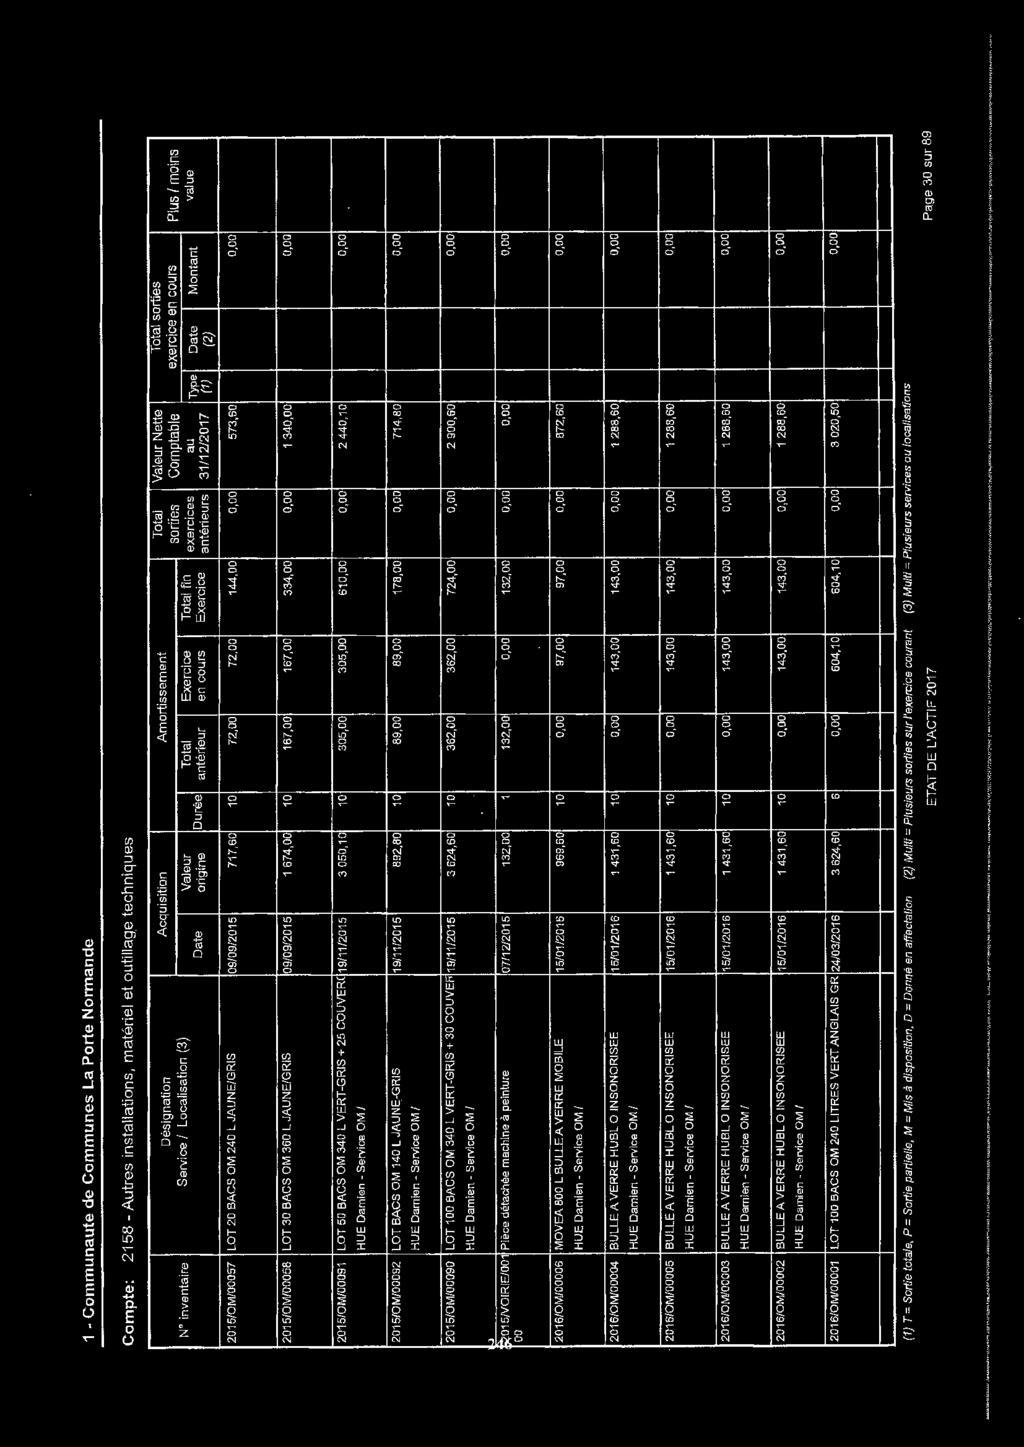 Salon De Jardin En Fer forgé Élégant Acquisition Amortissement total Valeur Nette total sorties Of 34 Élégant Salon De Jardin En Fer forgé